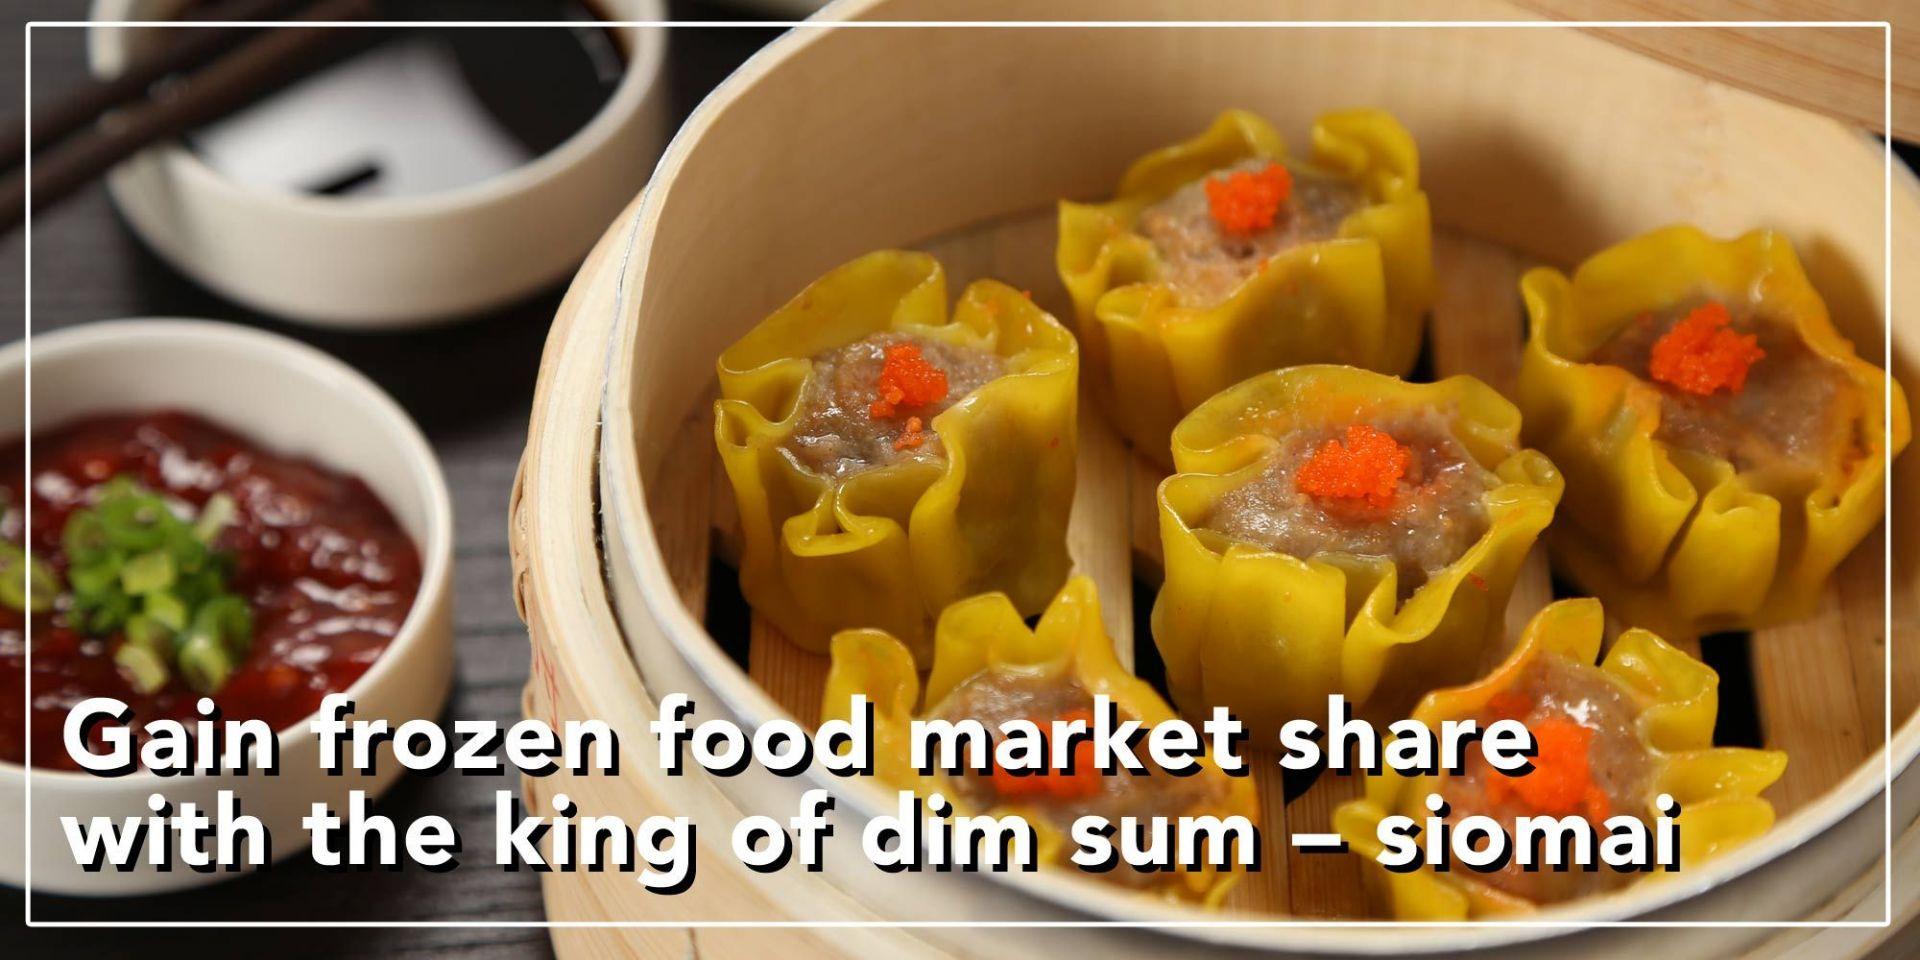 【Gıda Endüstrisi Eğilimleri】 Canlı Çayevi Kültürünün ve Dim Sum Kralı'nın Tadını Çıkarın - Siomai (shumai)